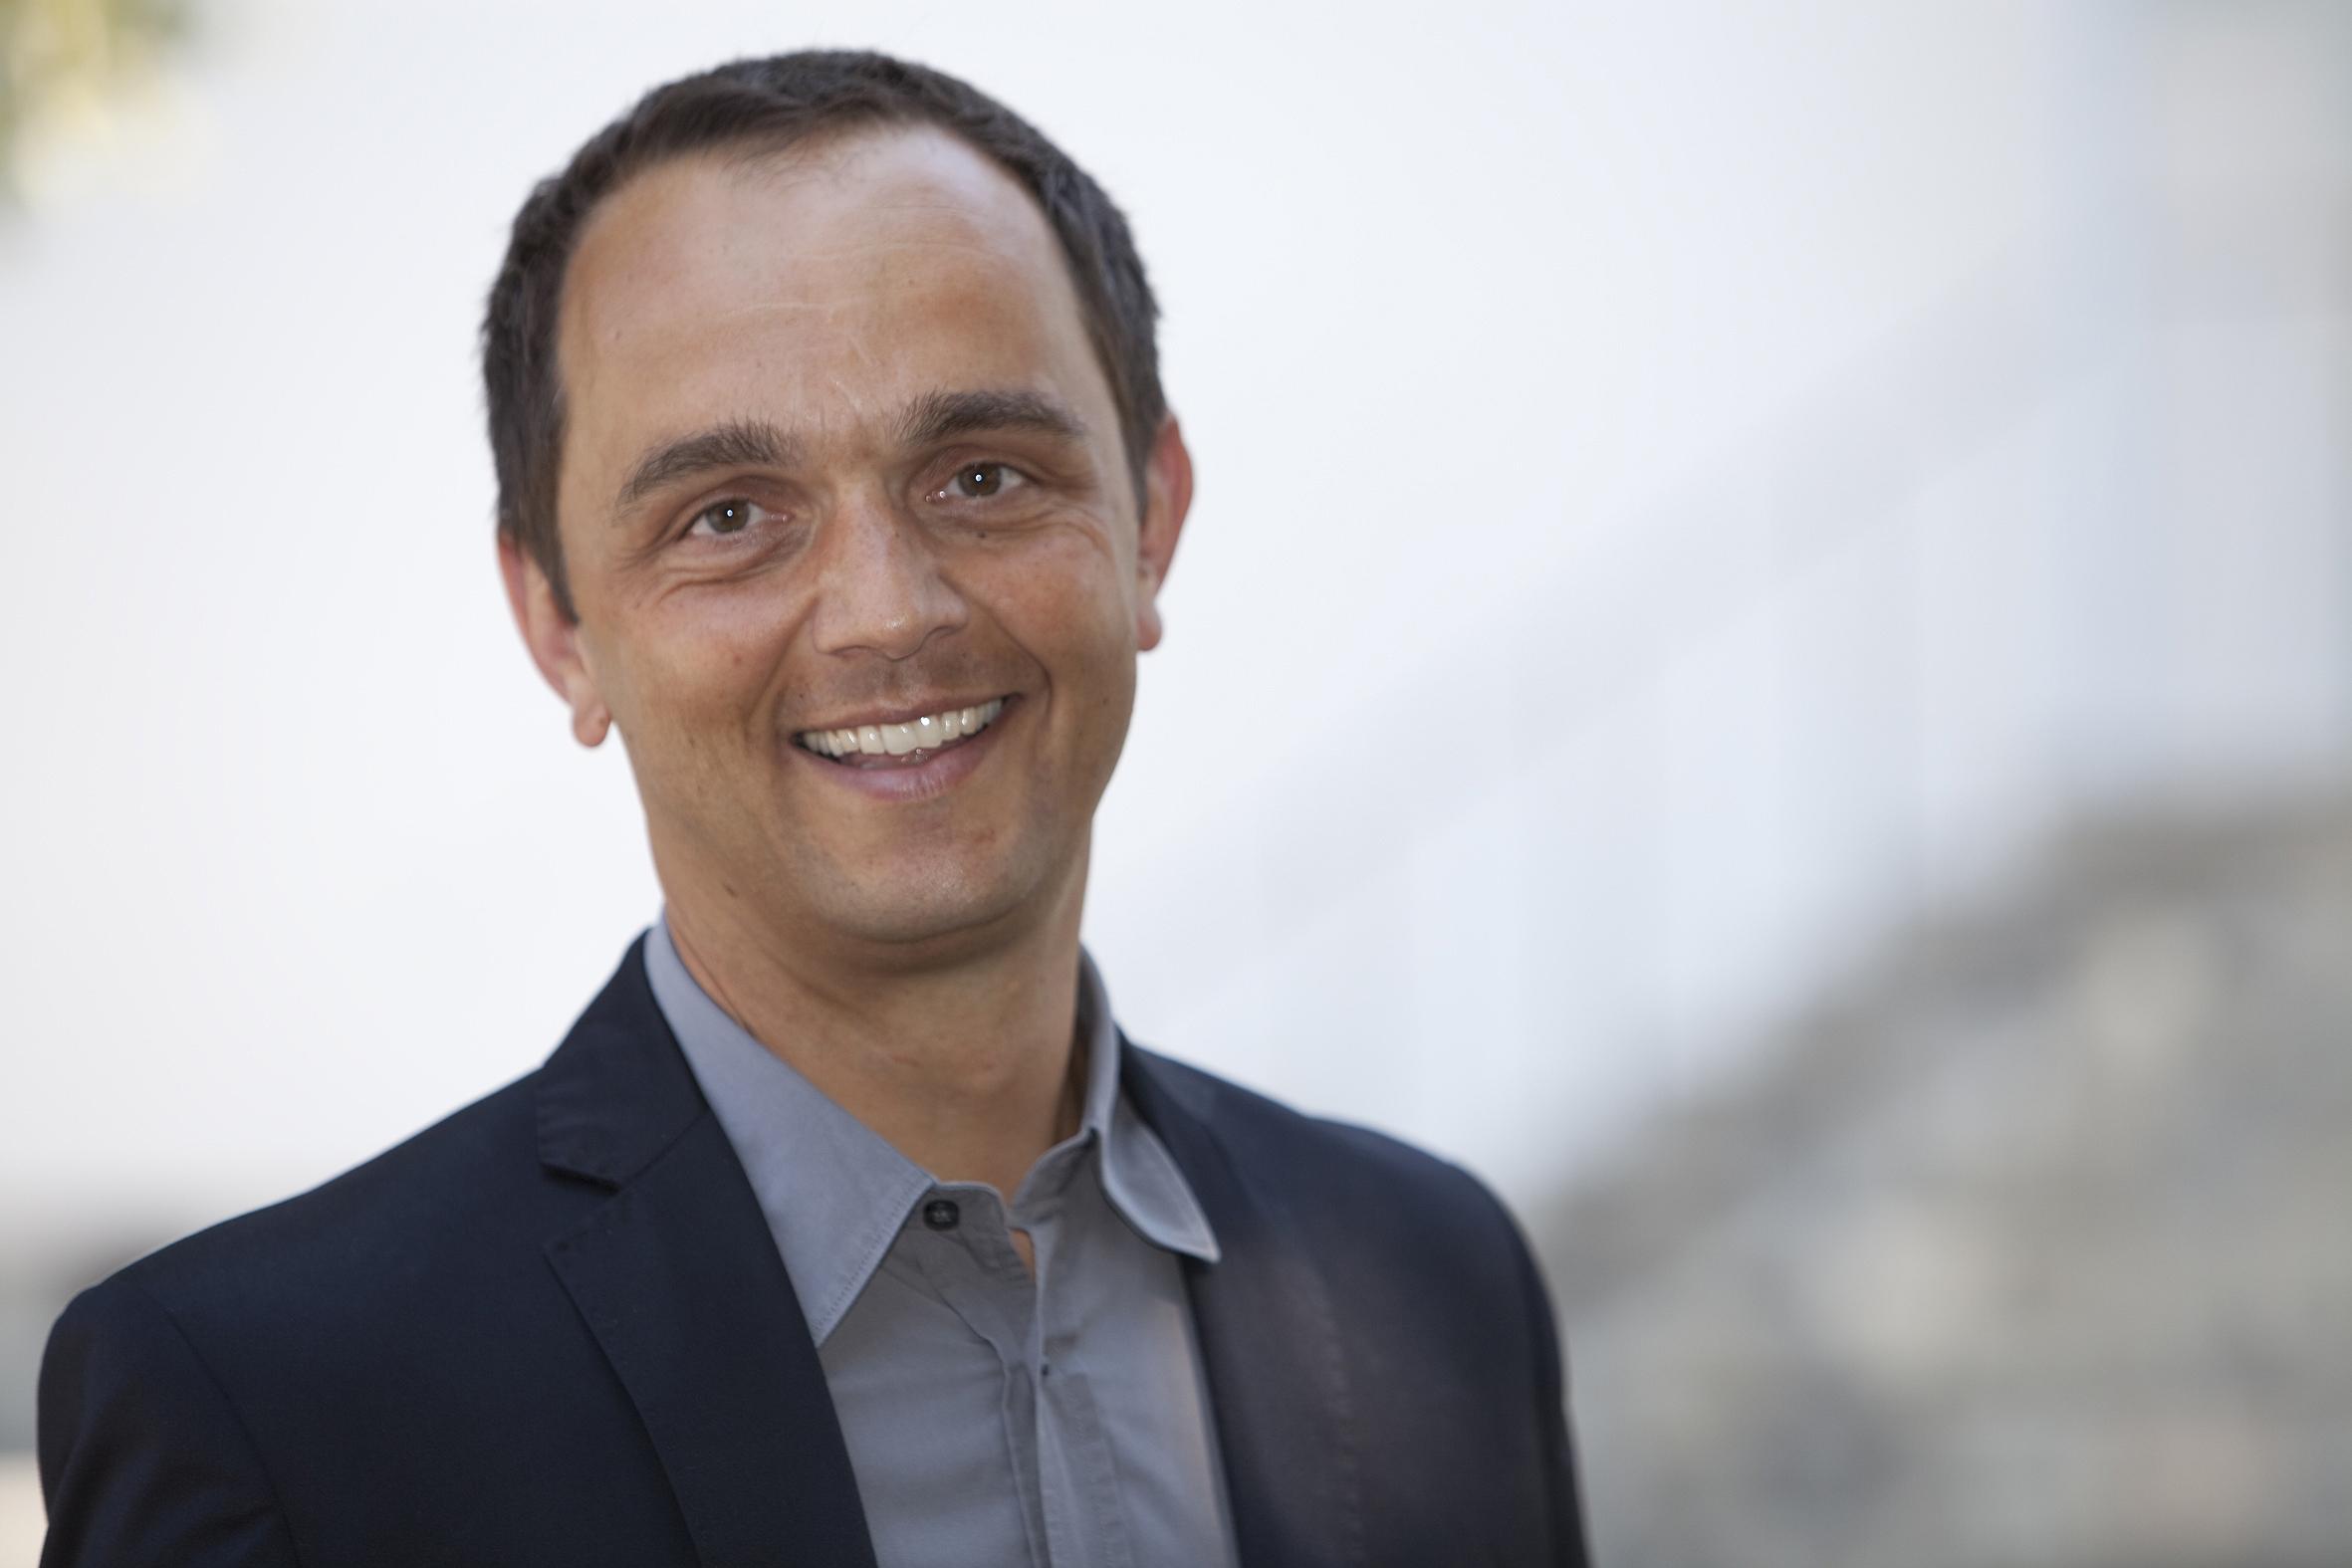 Hannes Jochum wird unser neuer Geschäftsführer